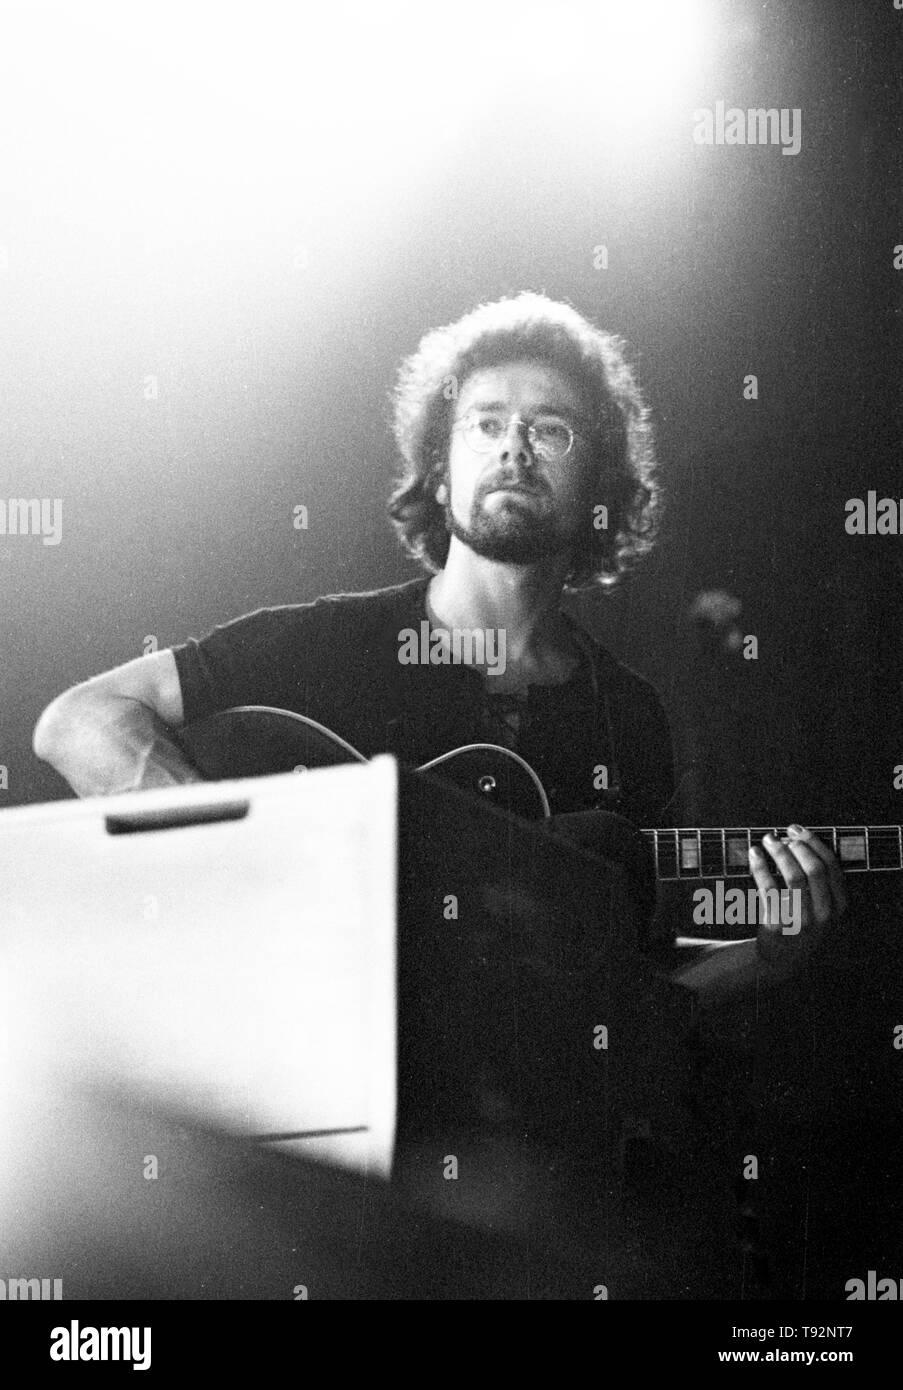 Amsterdam, Pays-Bas: Robert Fripp de King Crimson effectue sur scène au Concertgebouw d'Amsterdam, Pays-Bas le 31 mars 1973. Photo Stock